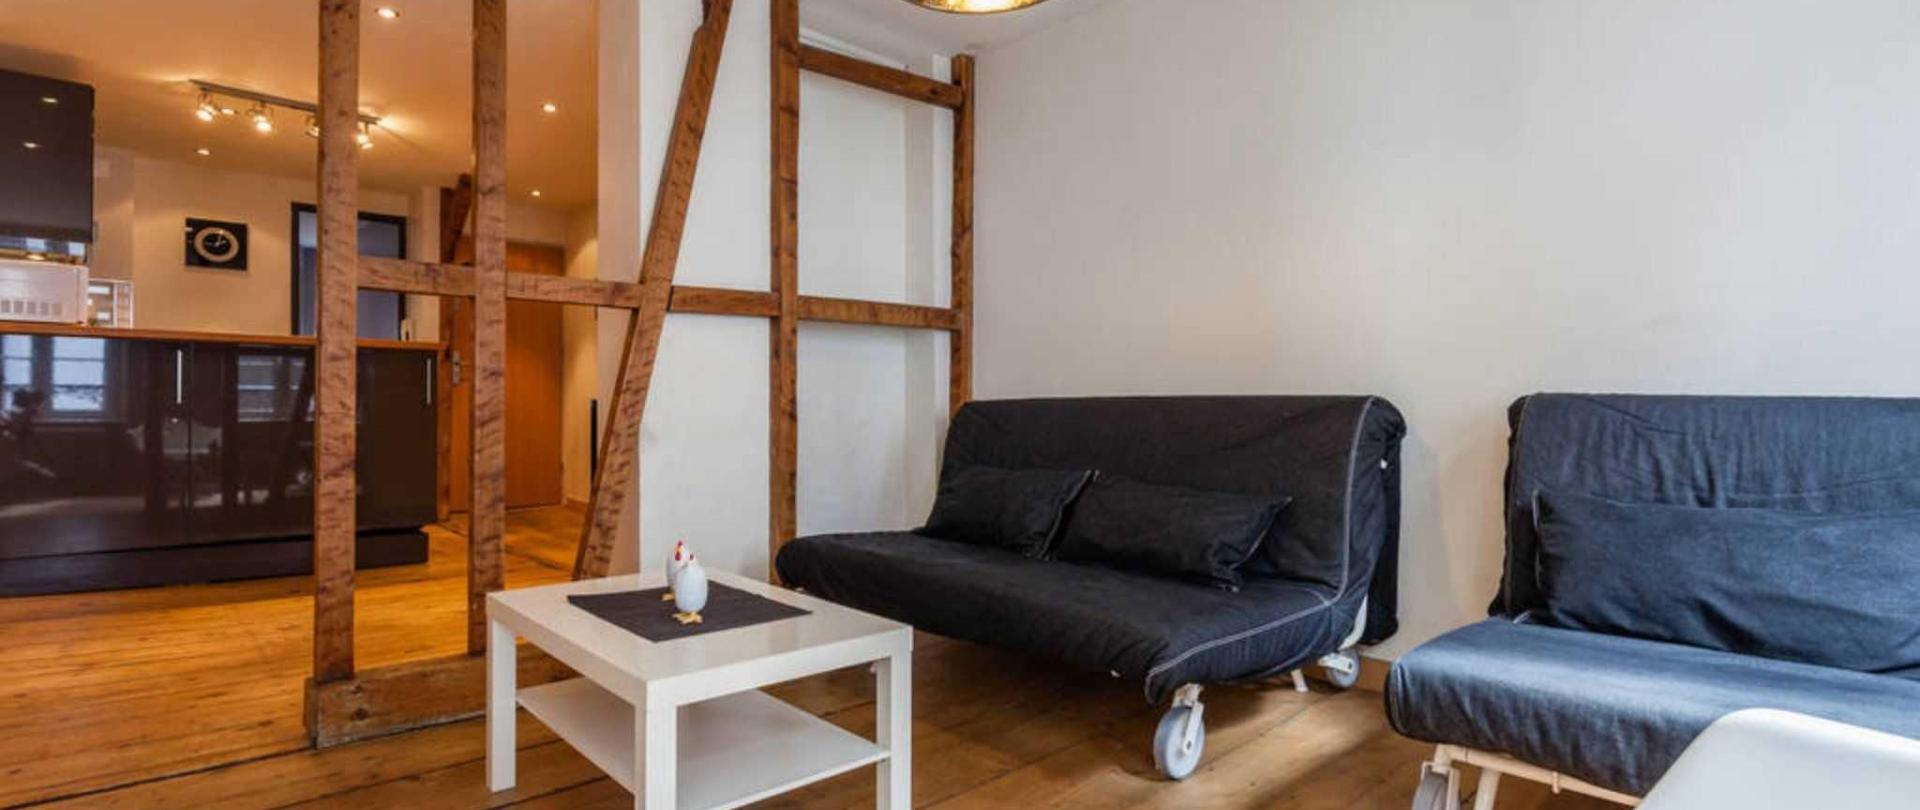 salon-2-quai.jpg